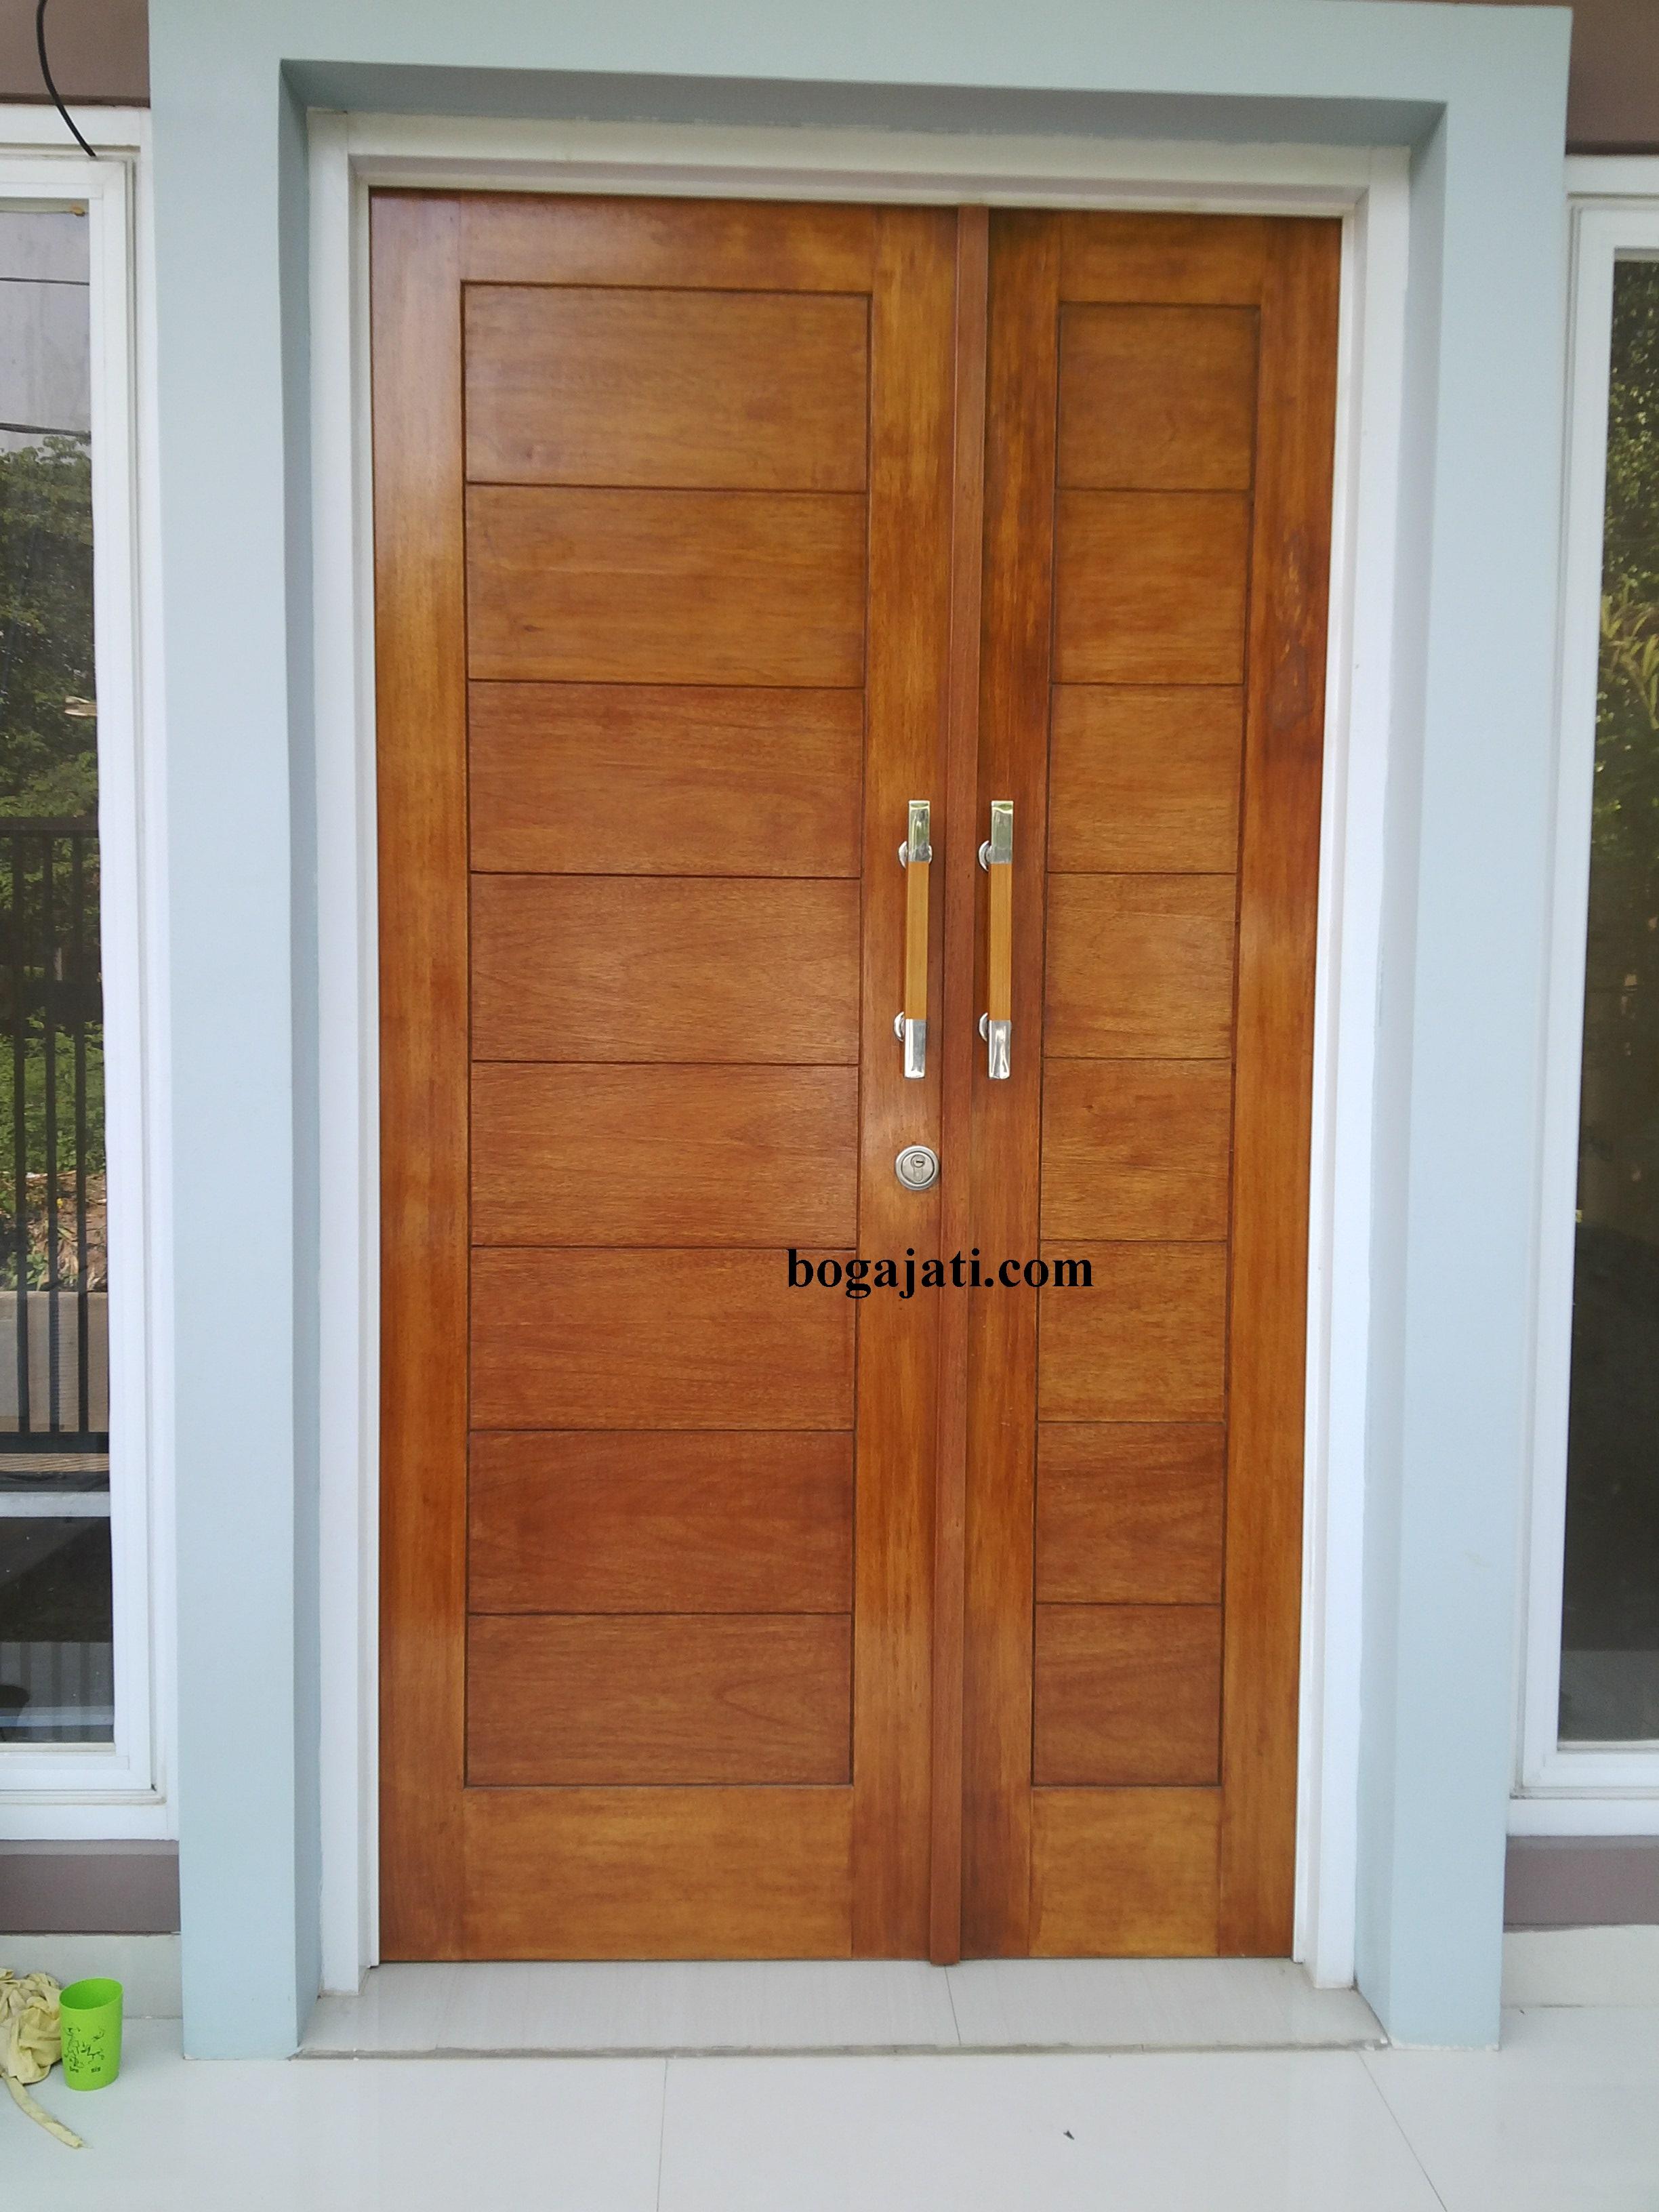 ... kusen pintu jendela kayu jepara kp 193 kp 198 furniture kayu pintu